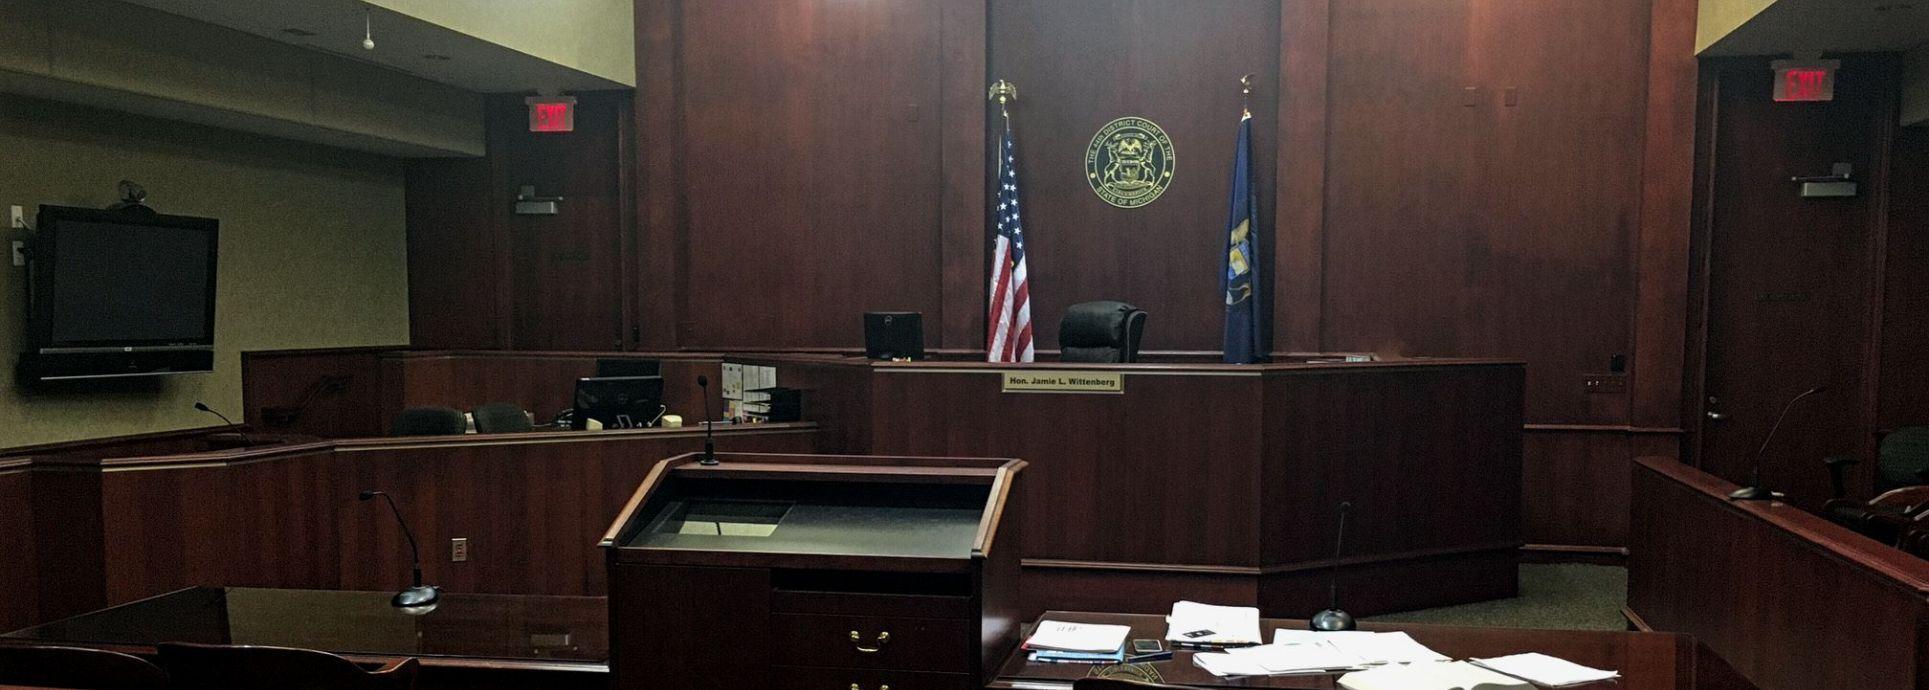 44th District Court   Royal Oak, MI